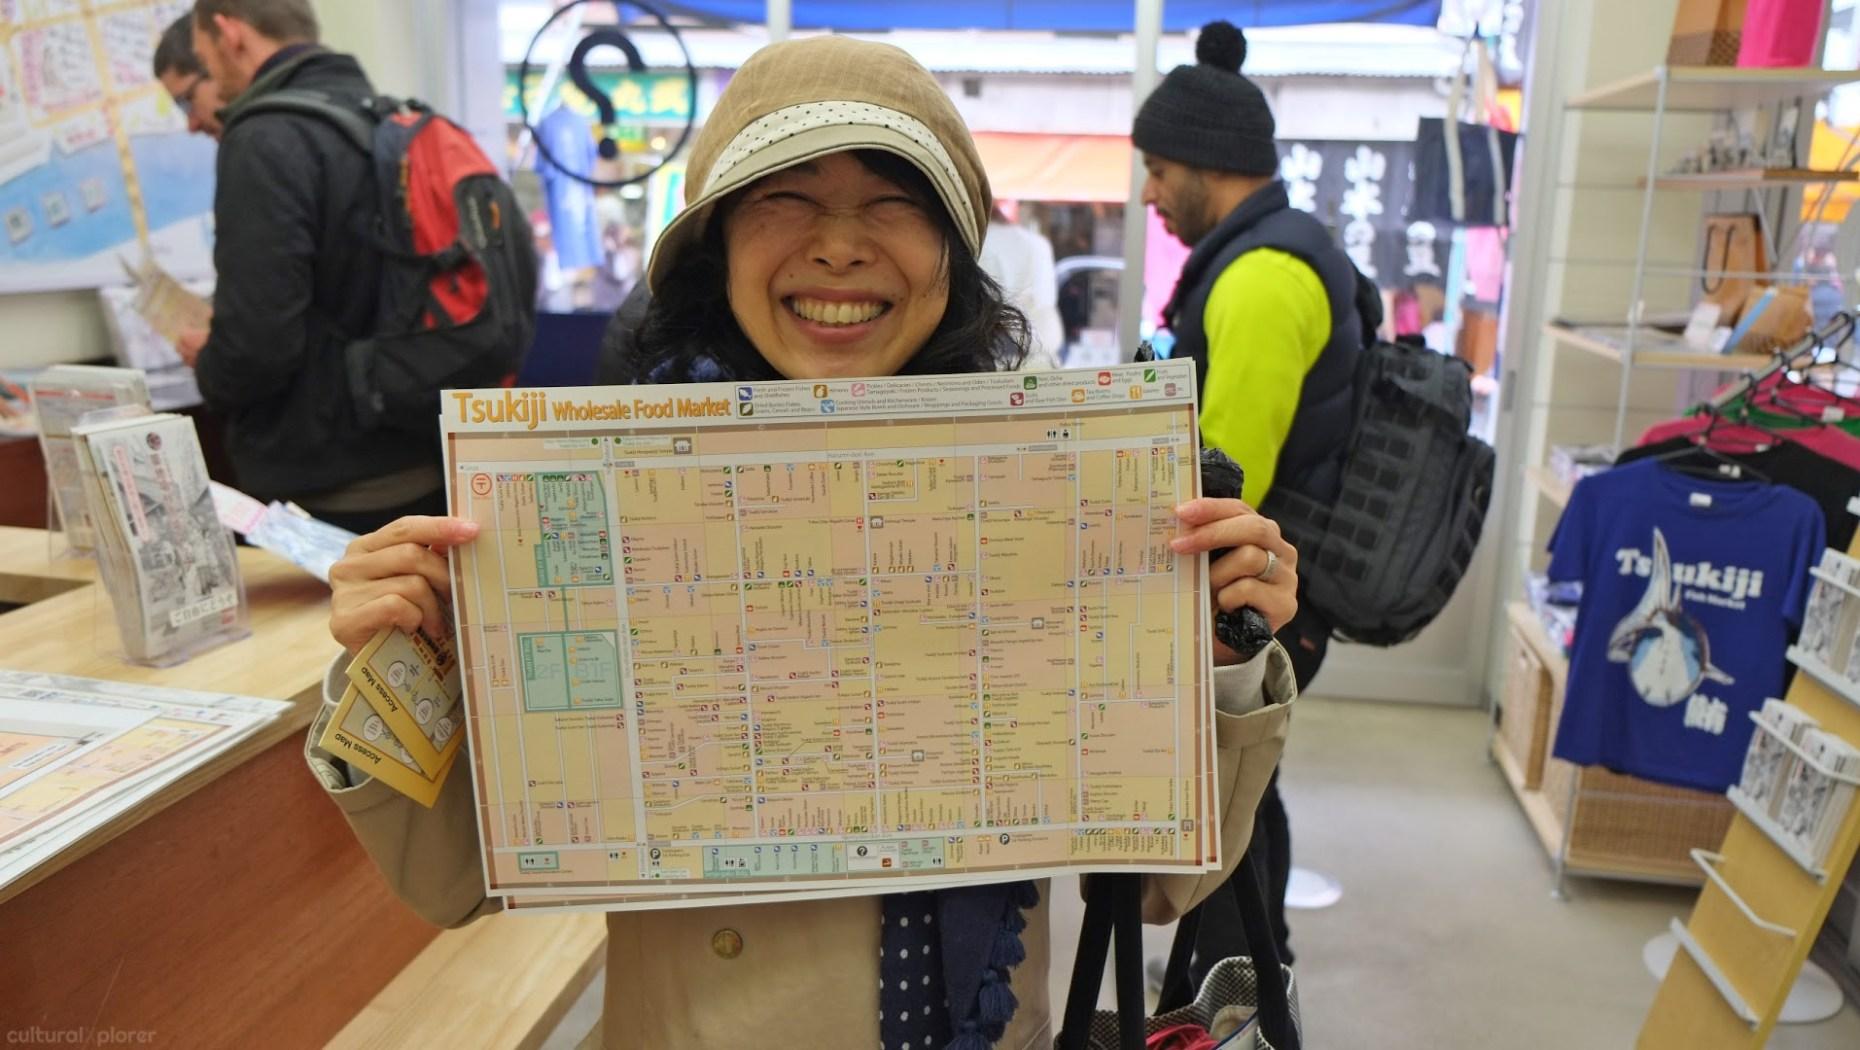 Yasuko Tsukiji Market Tokyo